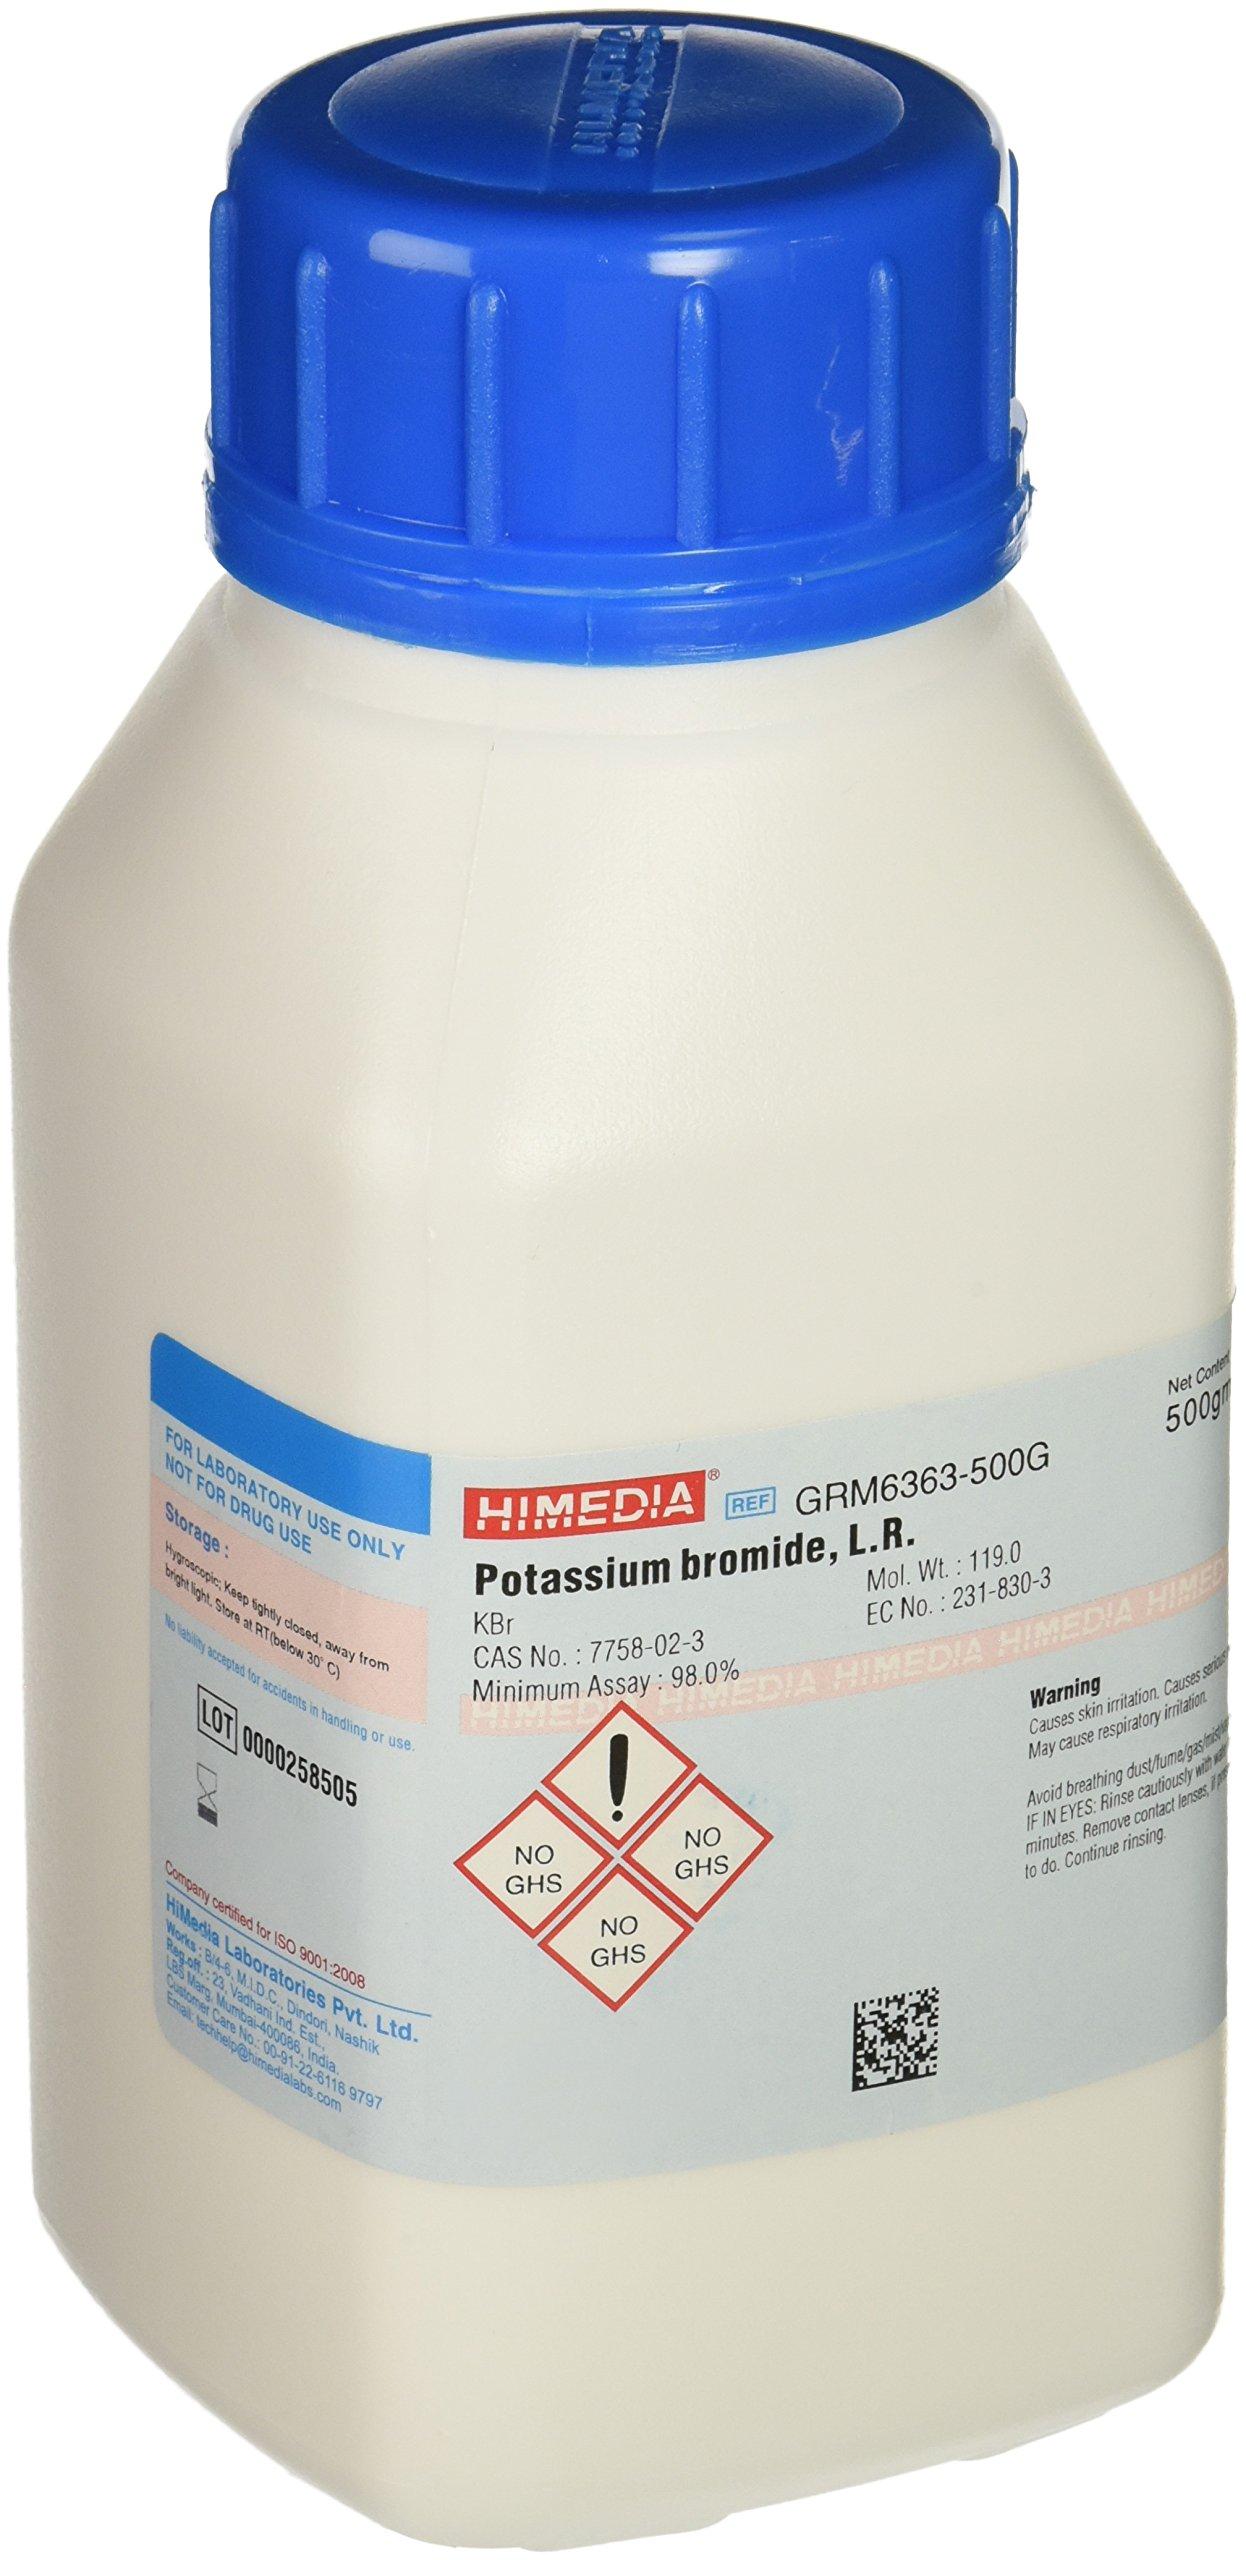 HiMedia GRM6363-500G Potassium Bromide, L.R, 500 g